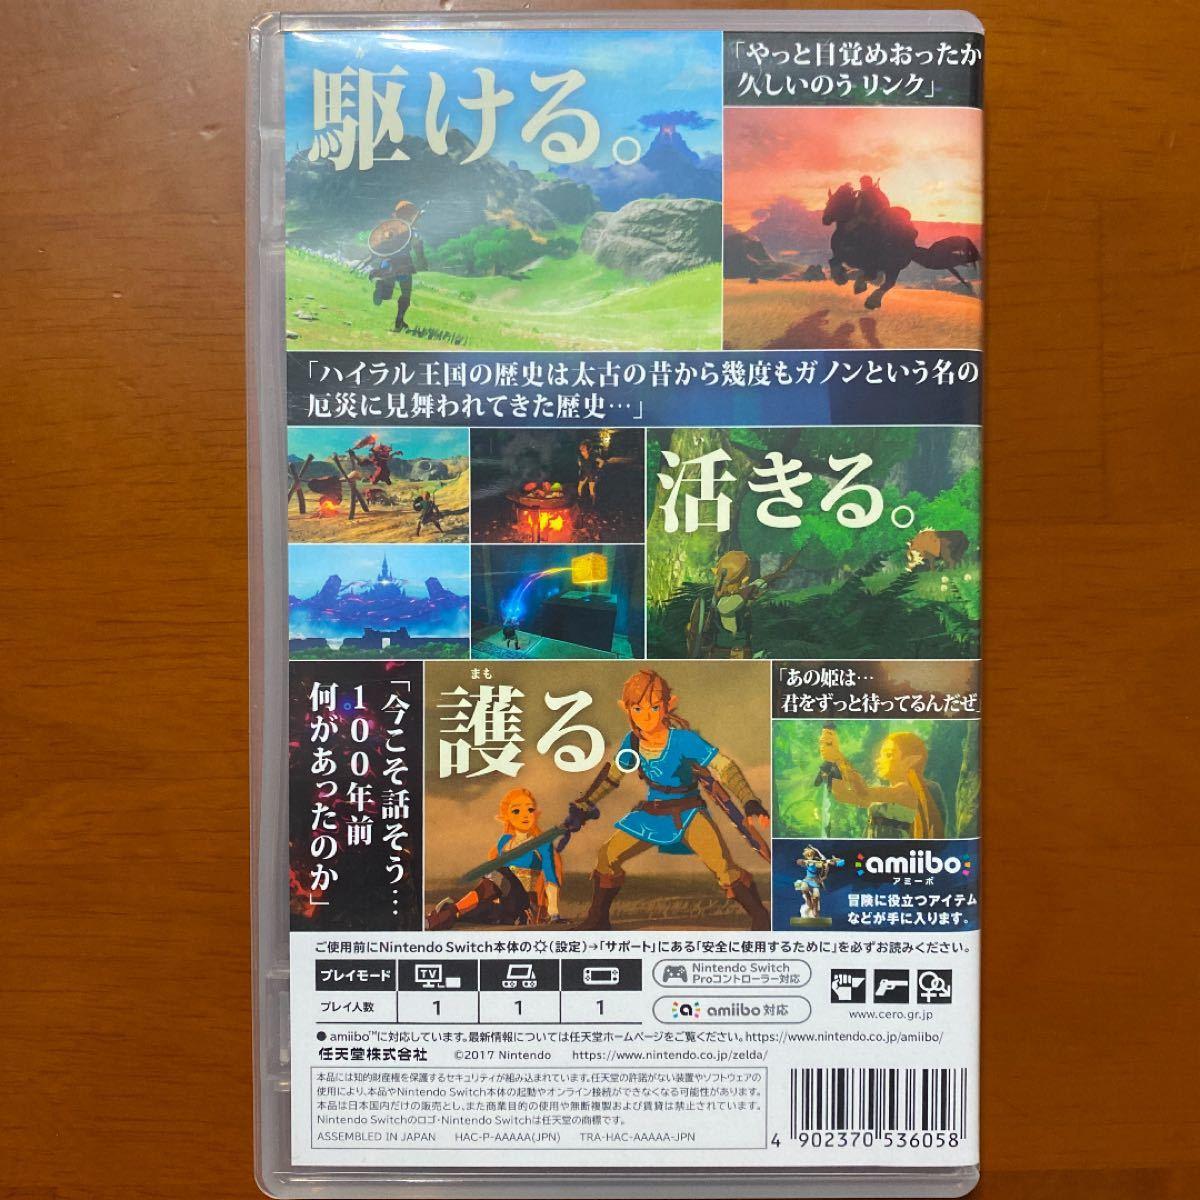 【Switch】 ゼルダの伝説 ブレス オブ ザ ワイルド [通常版]